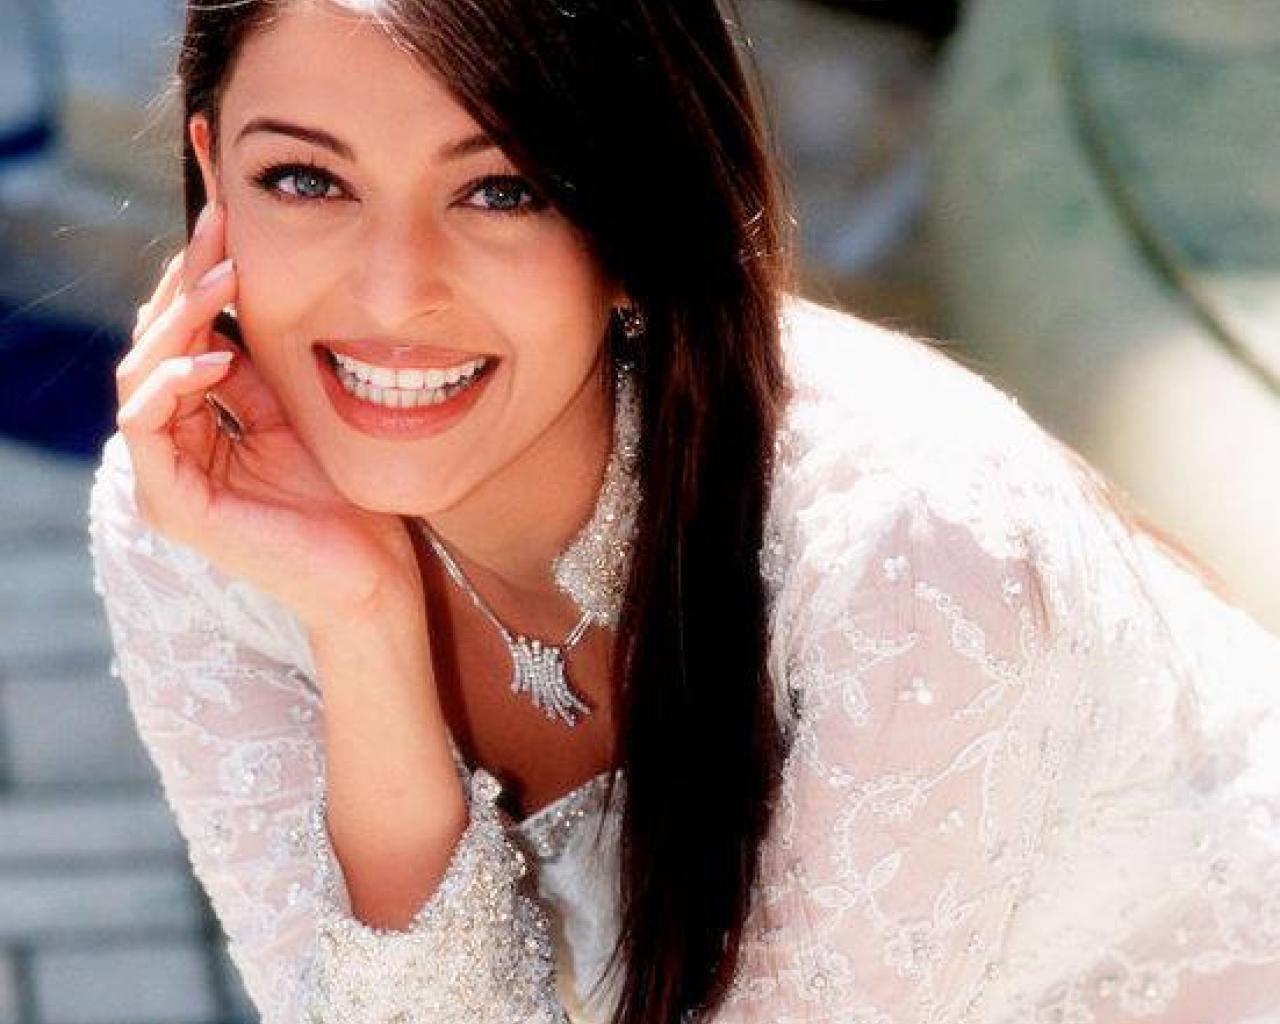 http://4.bp.blogspot.com/_P68mFhAnyqU/TNH2LfNokVI/AAAAAAAAAFo/unuMBipF7UM/s1600/beautiful-aishwarya-wallpapergg.jpg